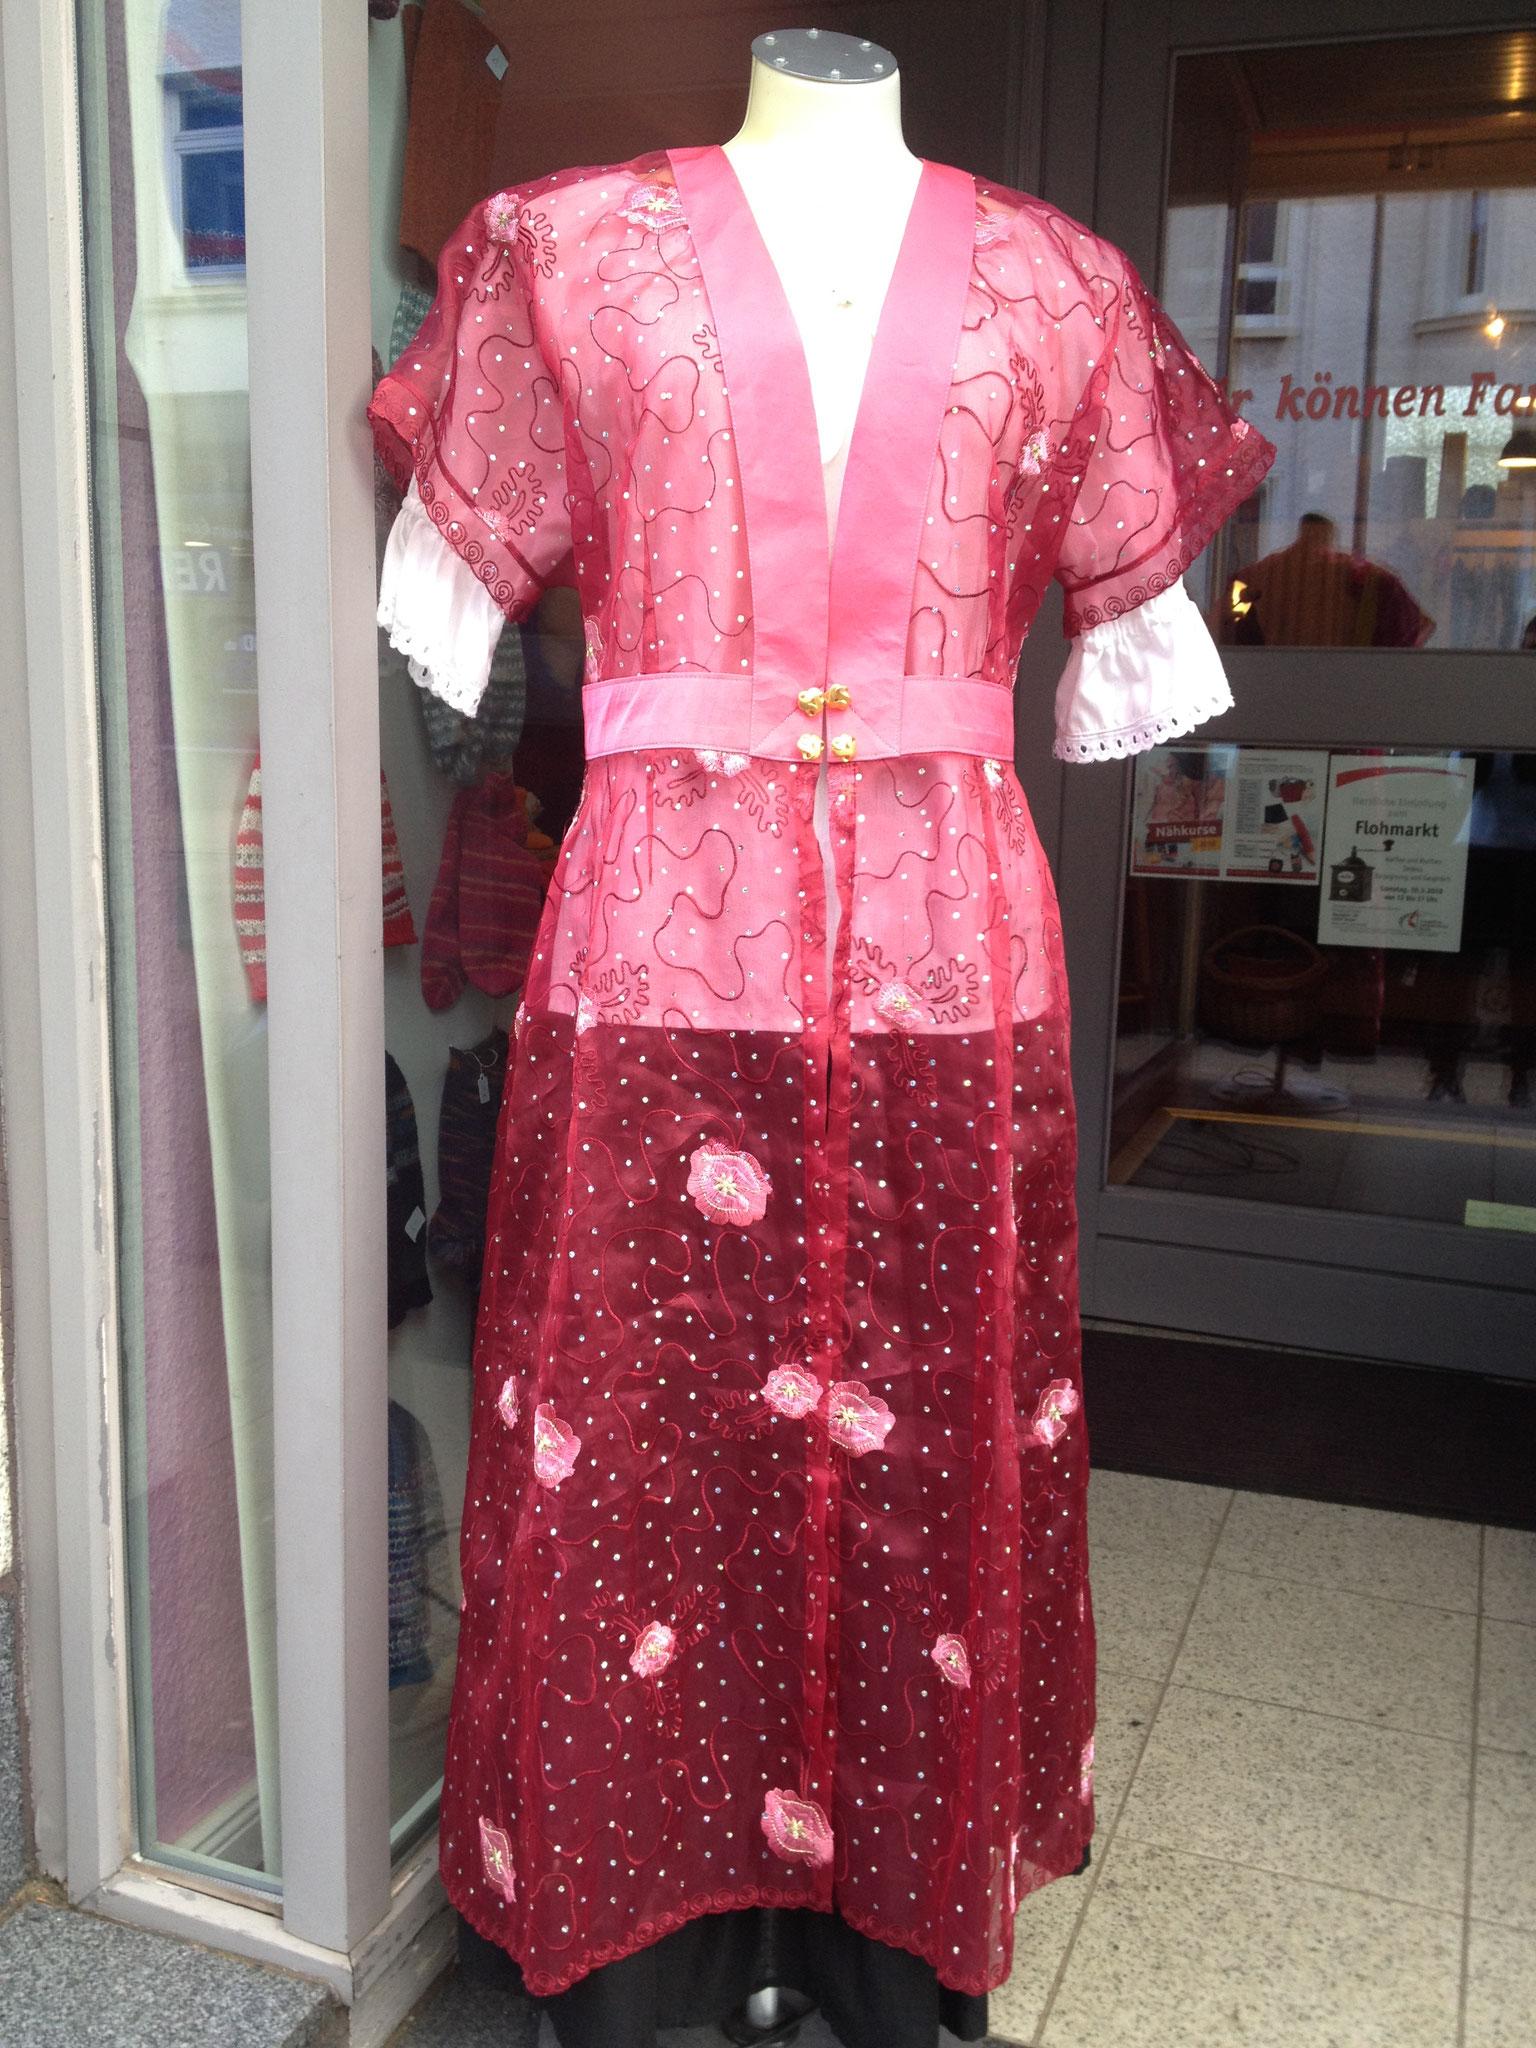 Mantel für orientalische Damengewand, Gr. 44, 70€